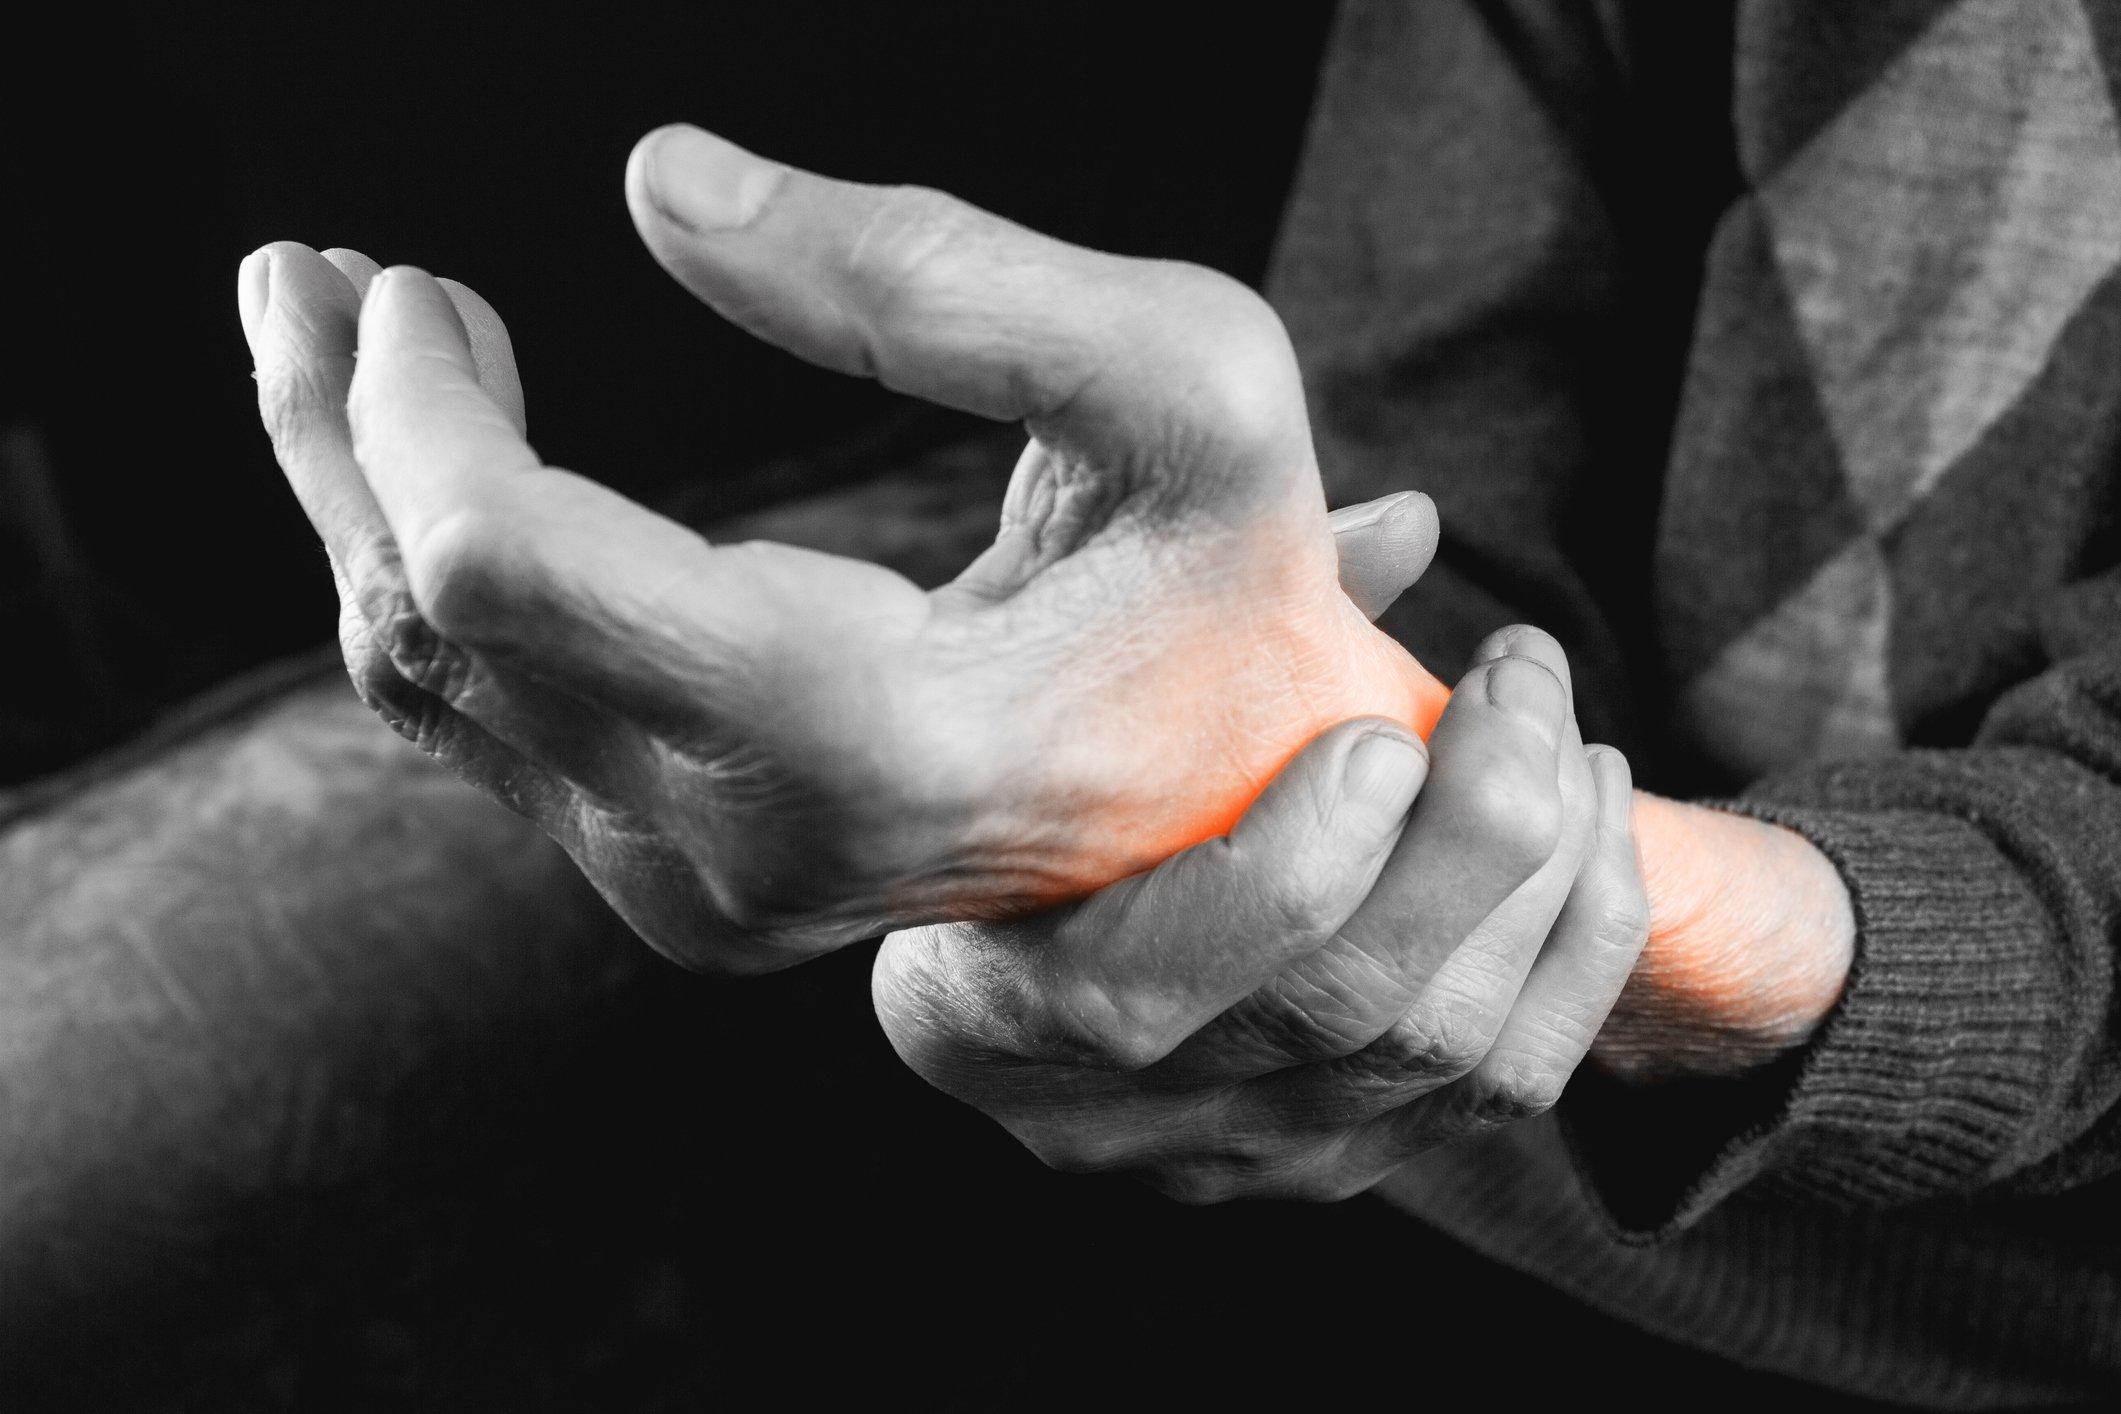 semne inițiale de artroză la încheietura mâinii